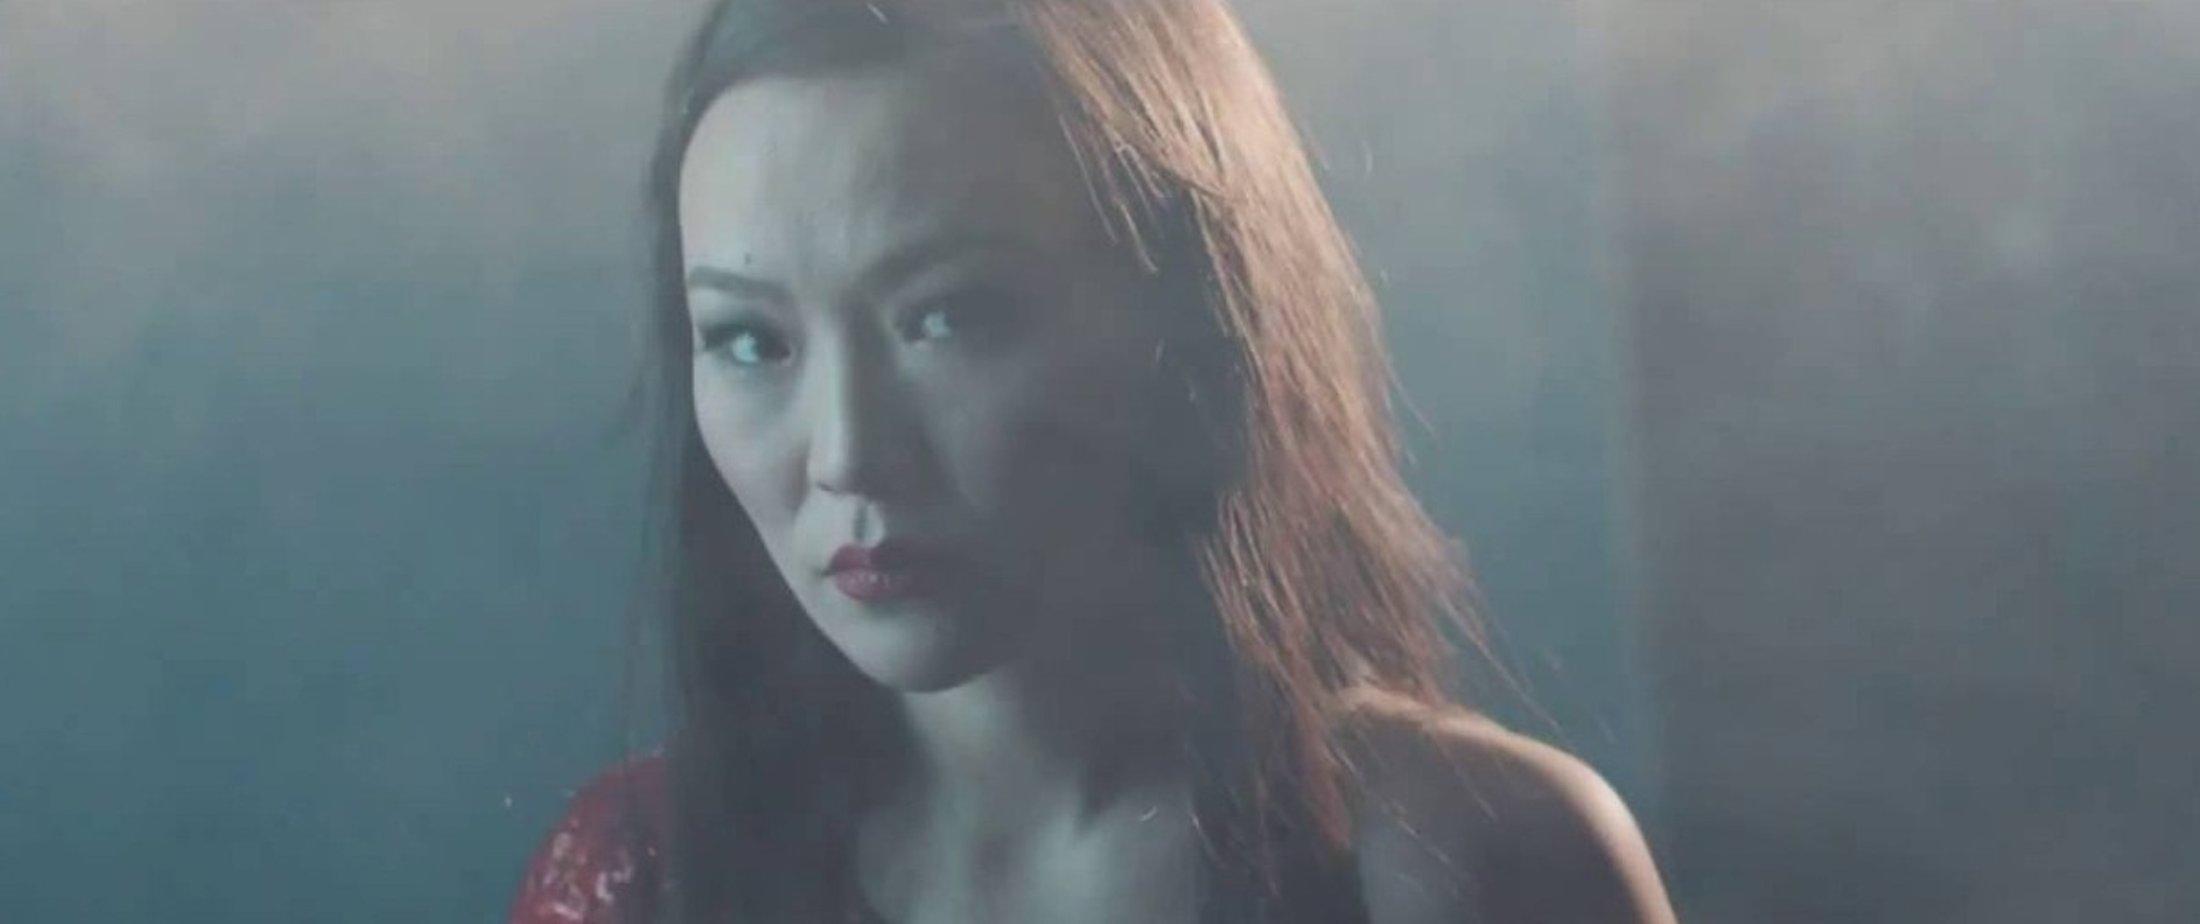 азиатские из россии фильм что вывод таков-обучение